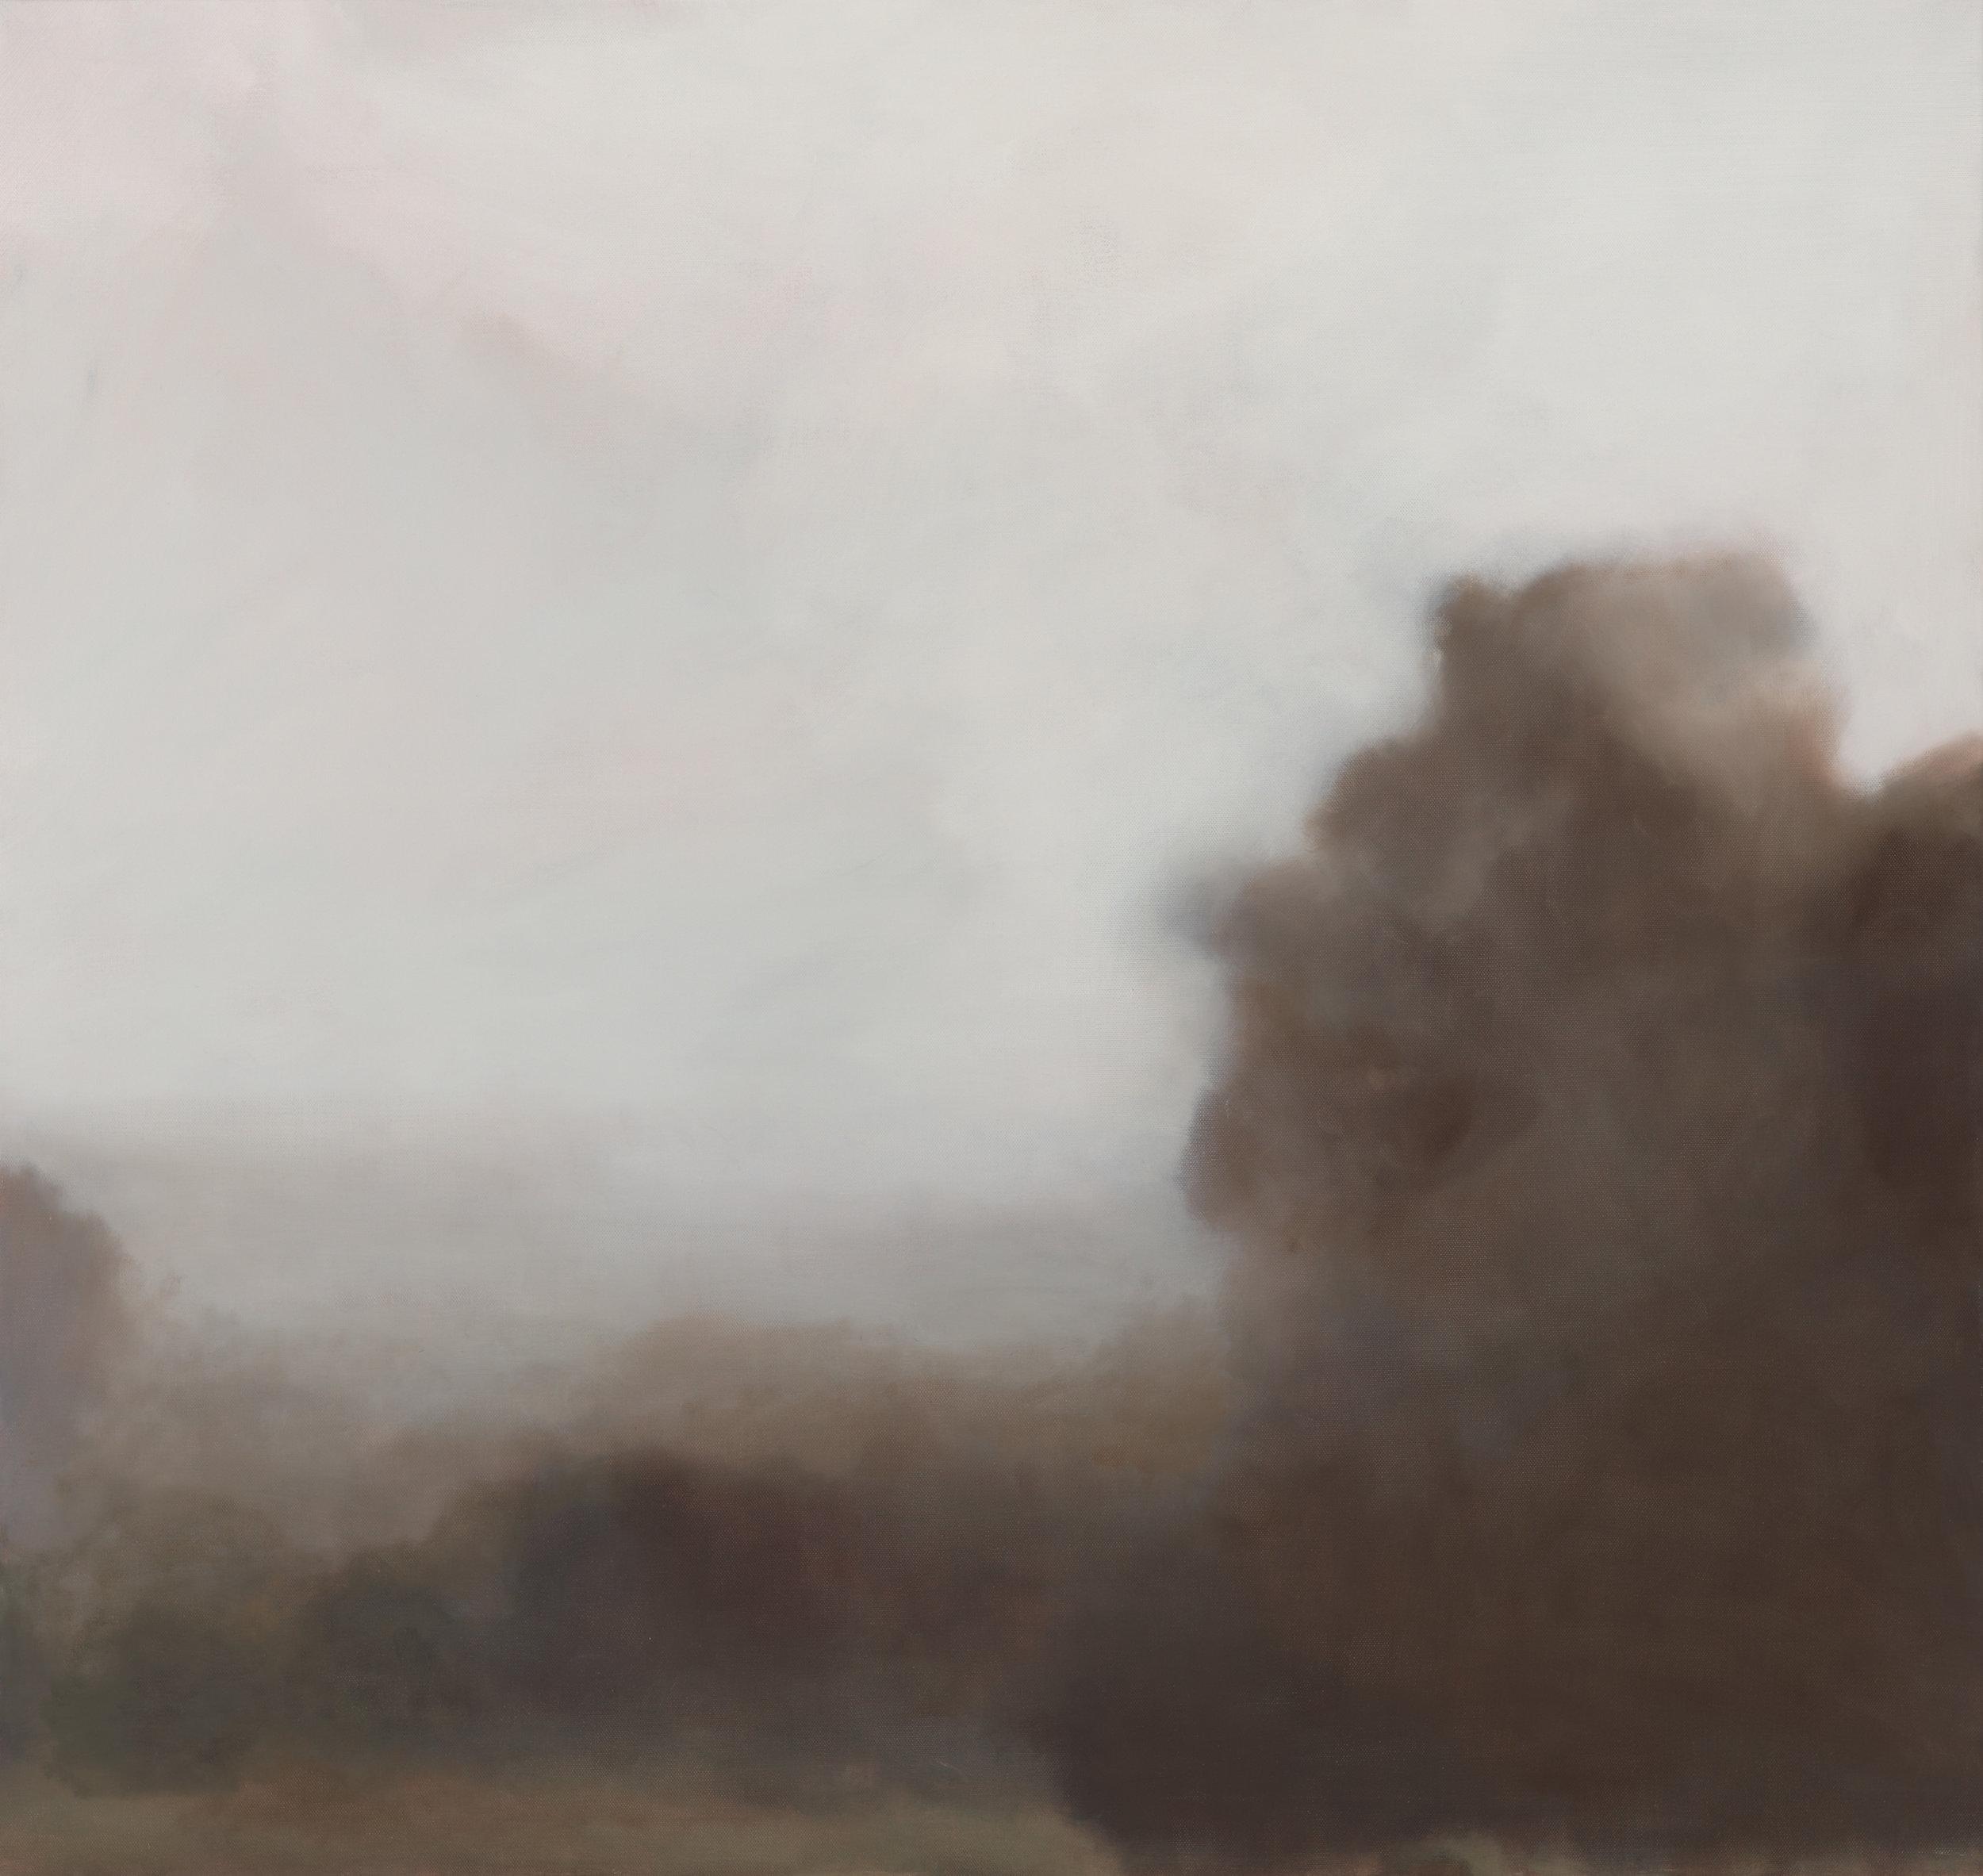 Tate 915 x 1015